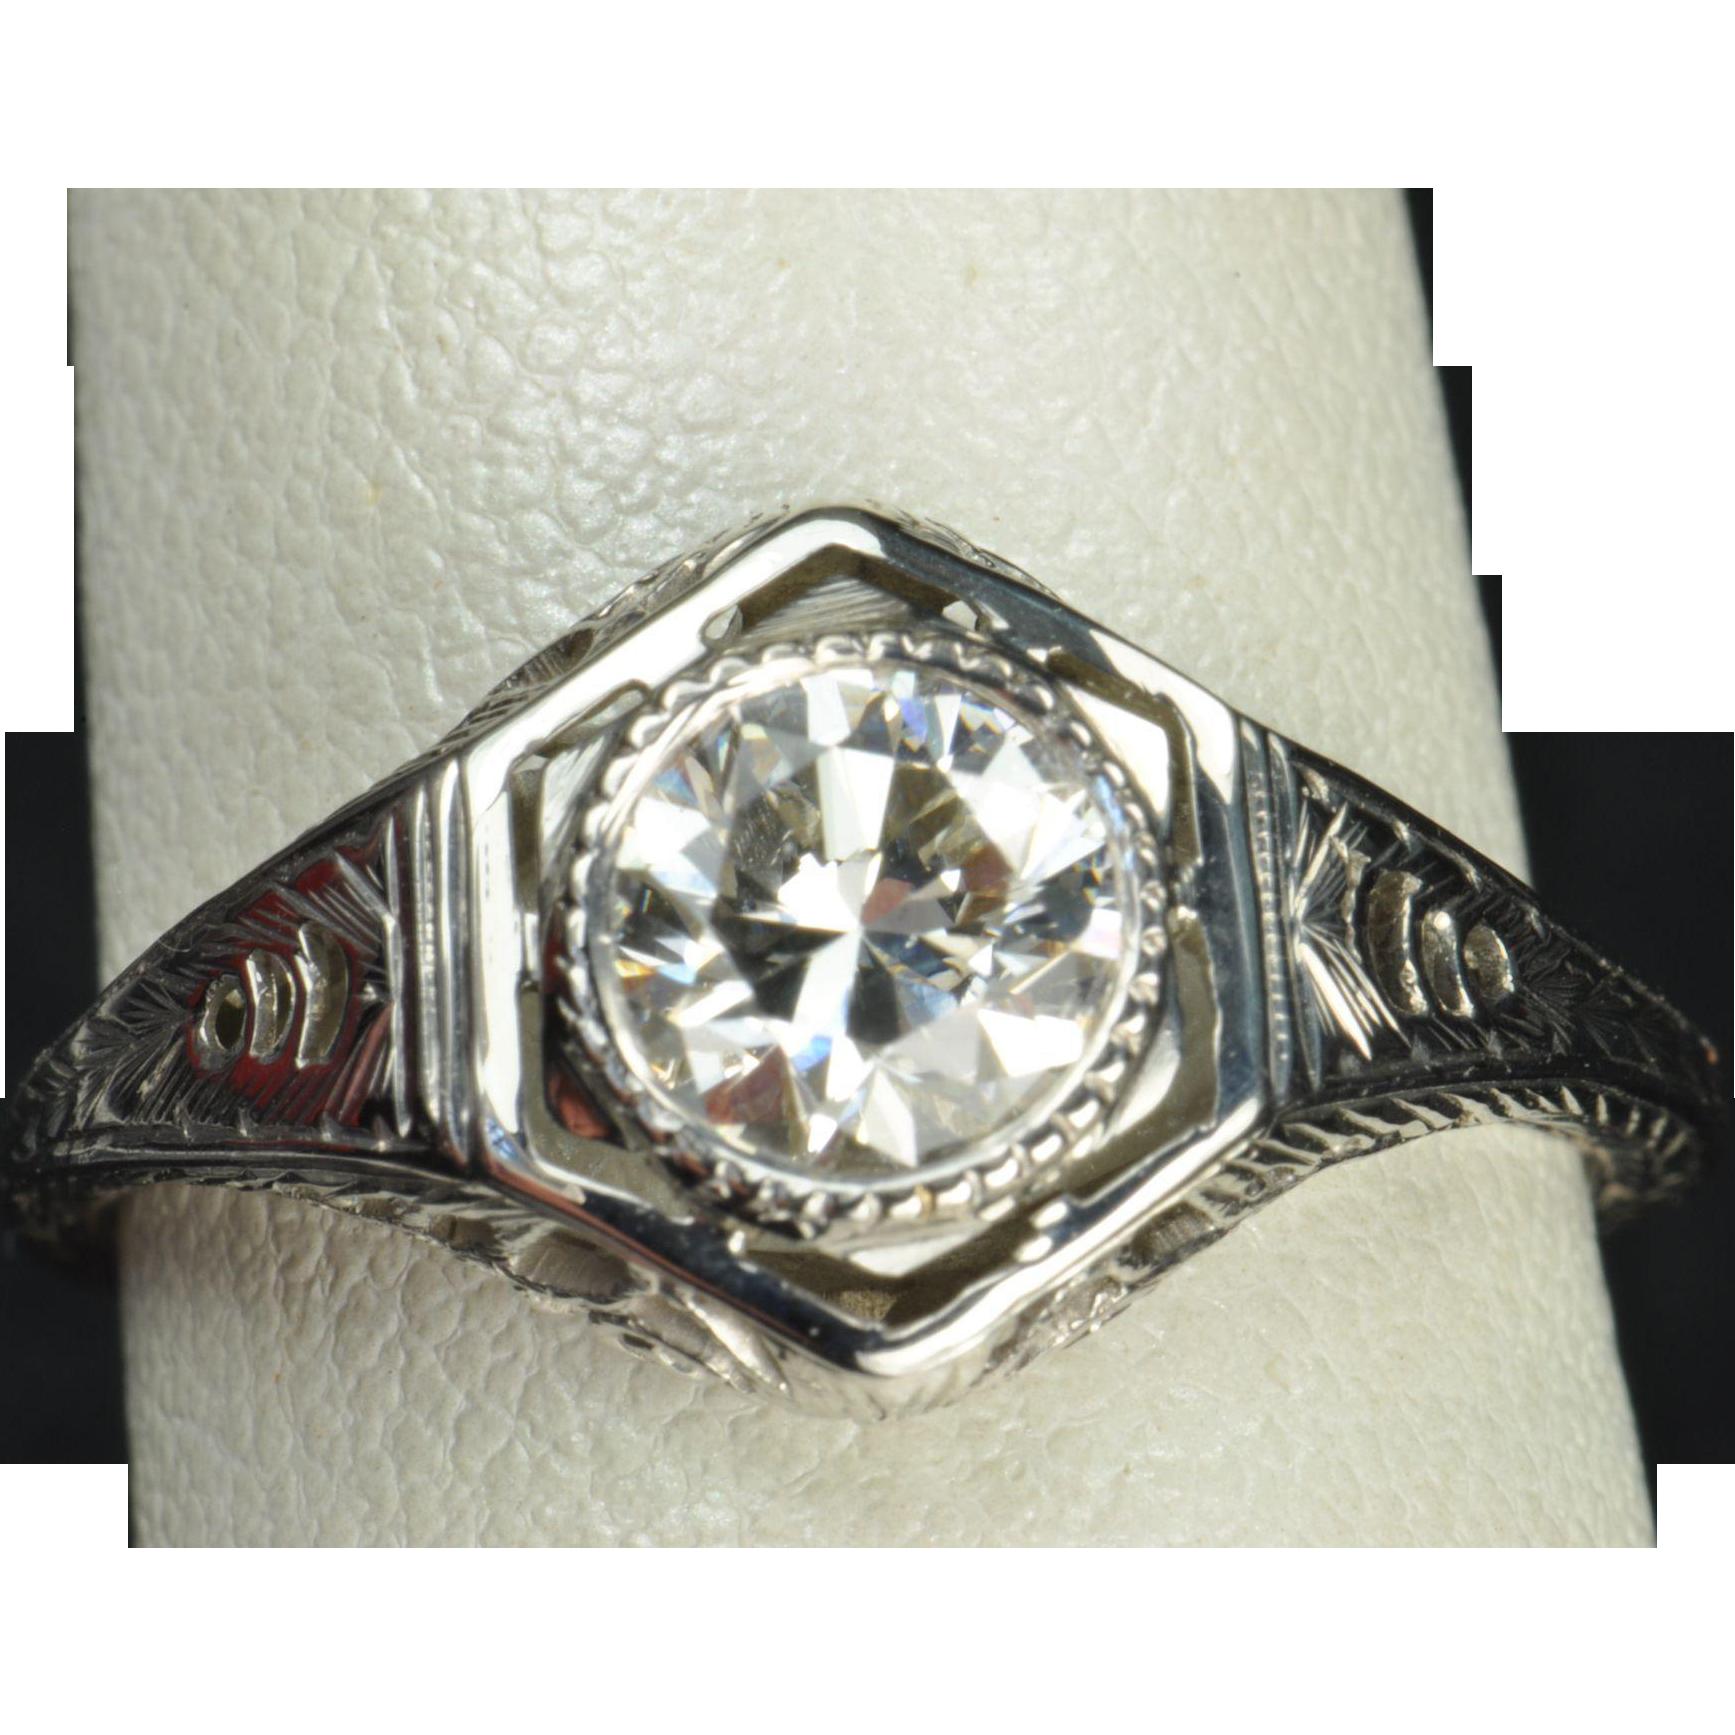 75 Carat Edwardian Style Engagement / Wedding Ring (With